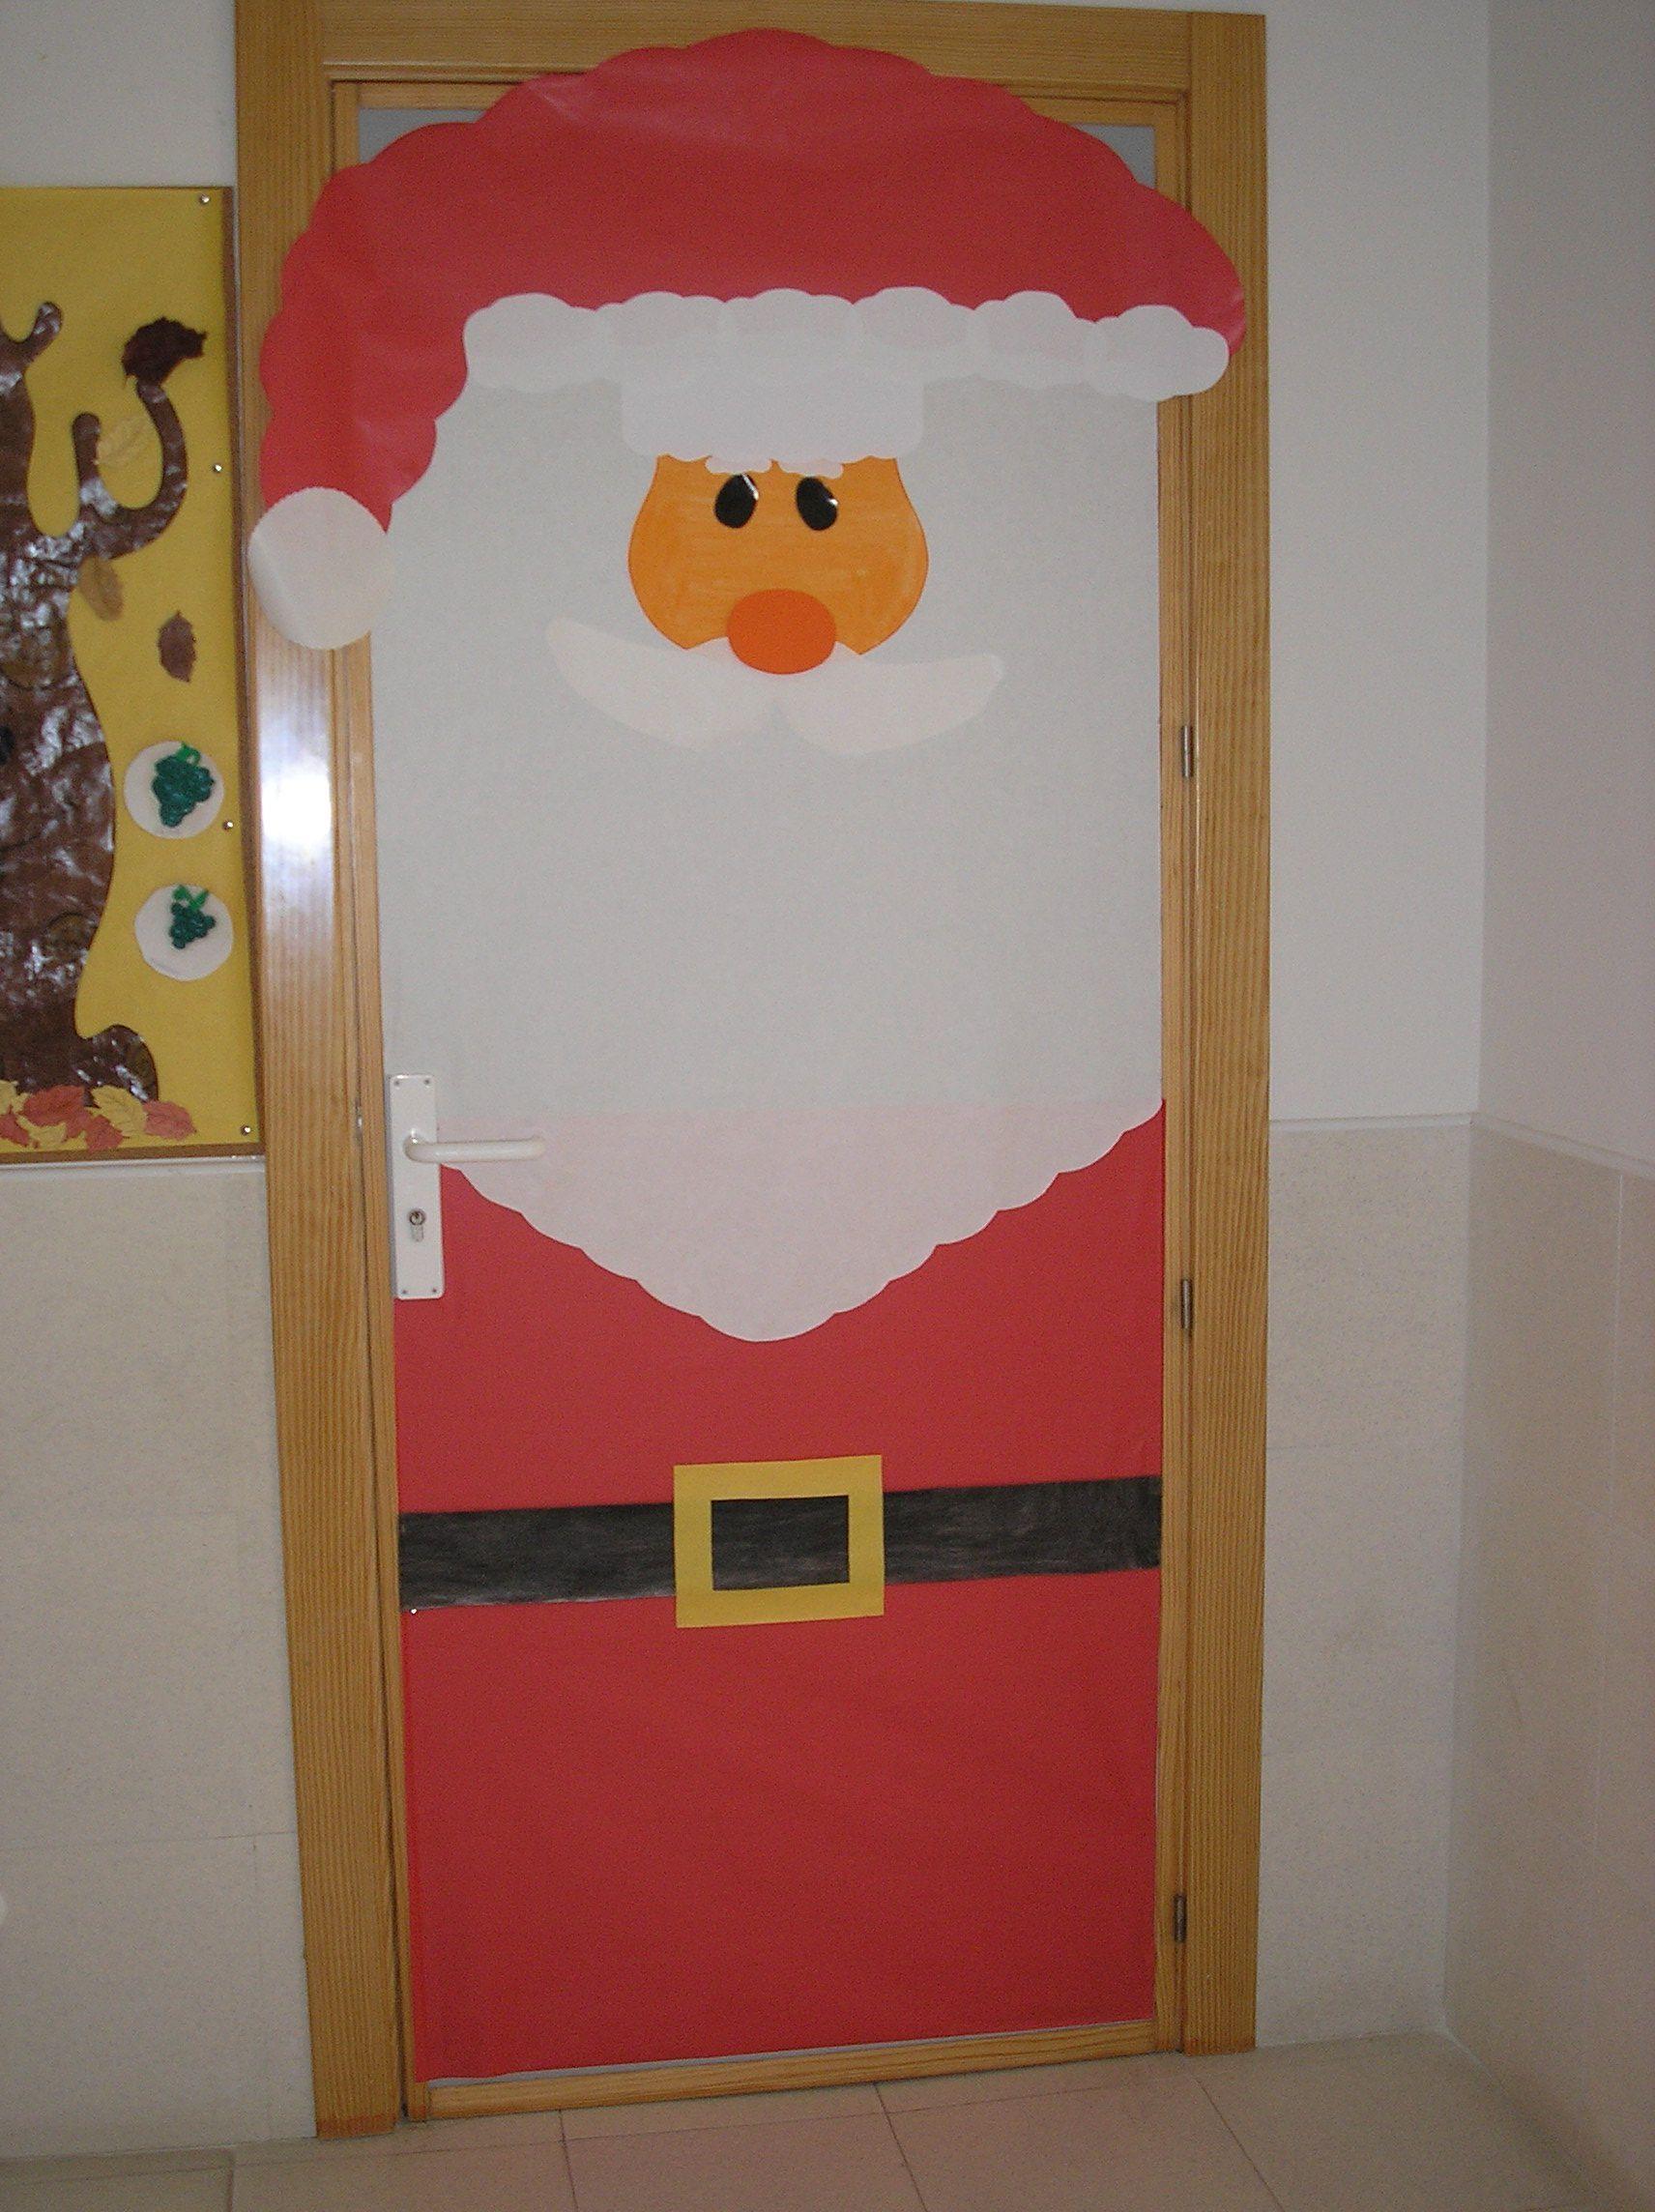 Mi puerta de pap noel cole monterrubio de armu a for Puertas decoradas santa claus